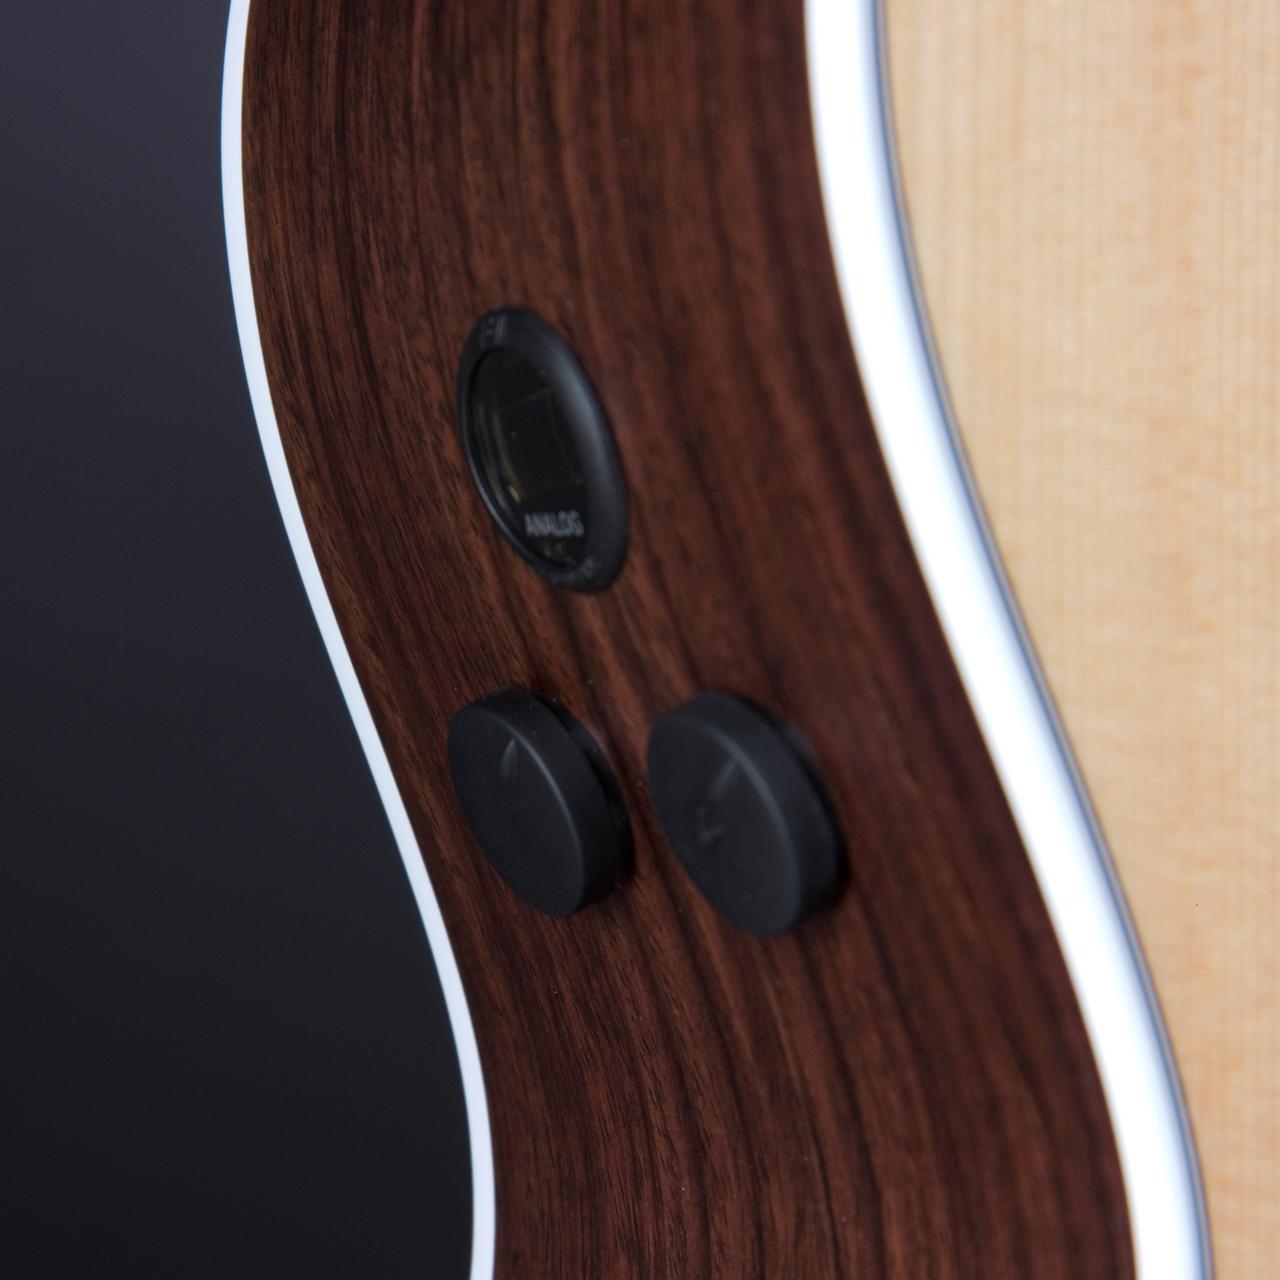 Wärme Und Natürlichkeit: Martin Guitars GPCPA4 Rosewood